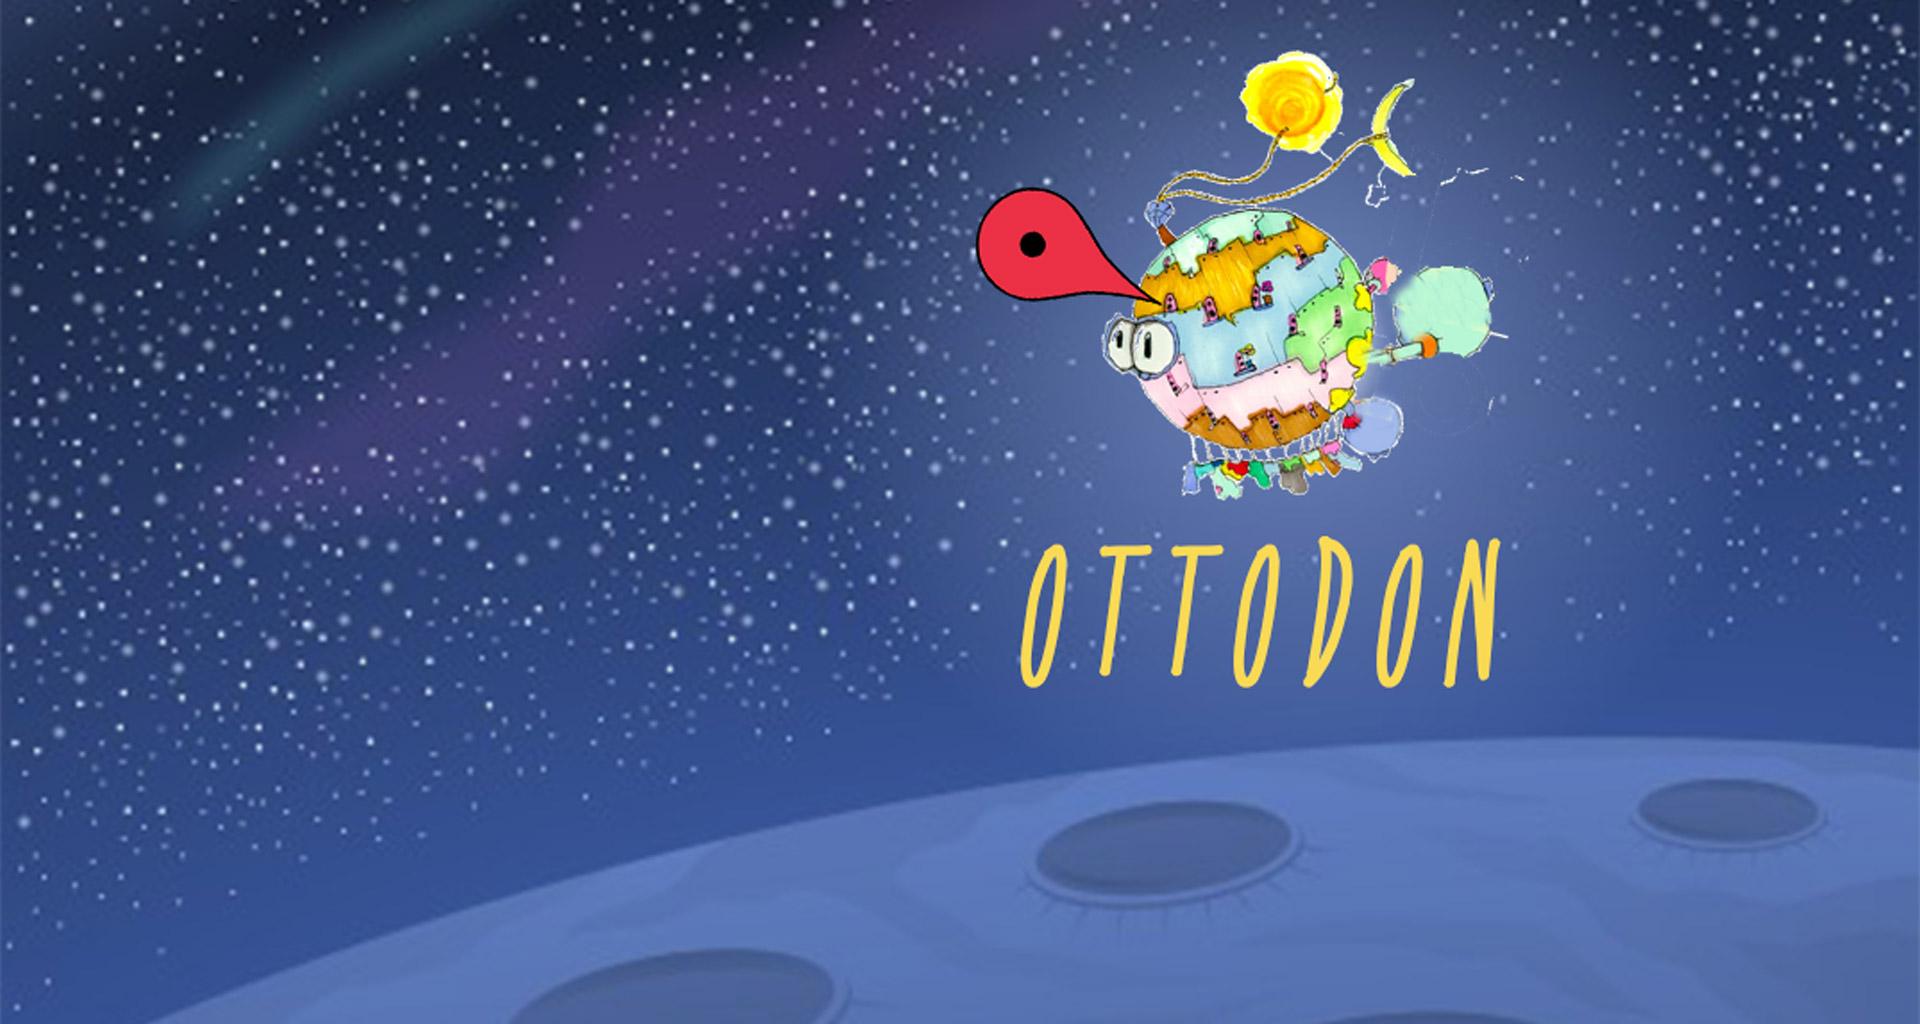 ottodonmap